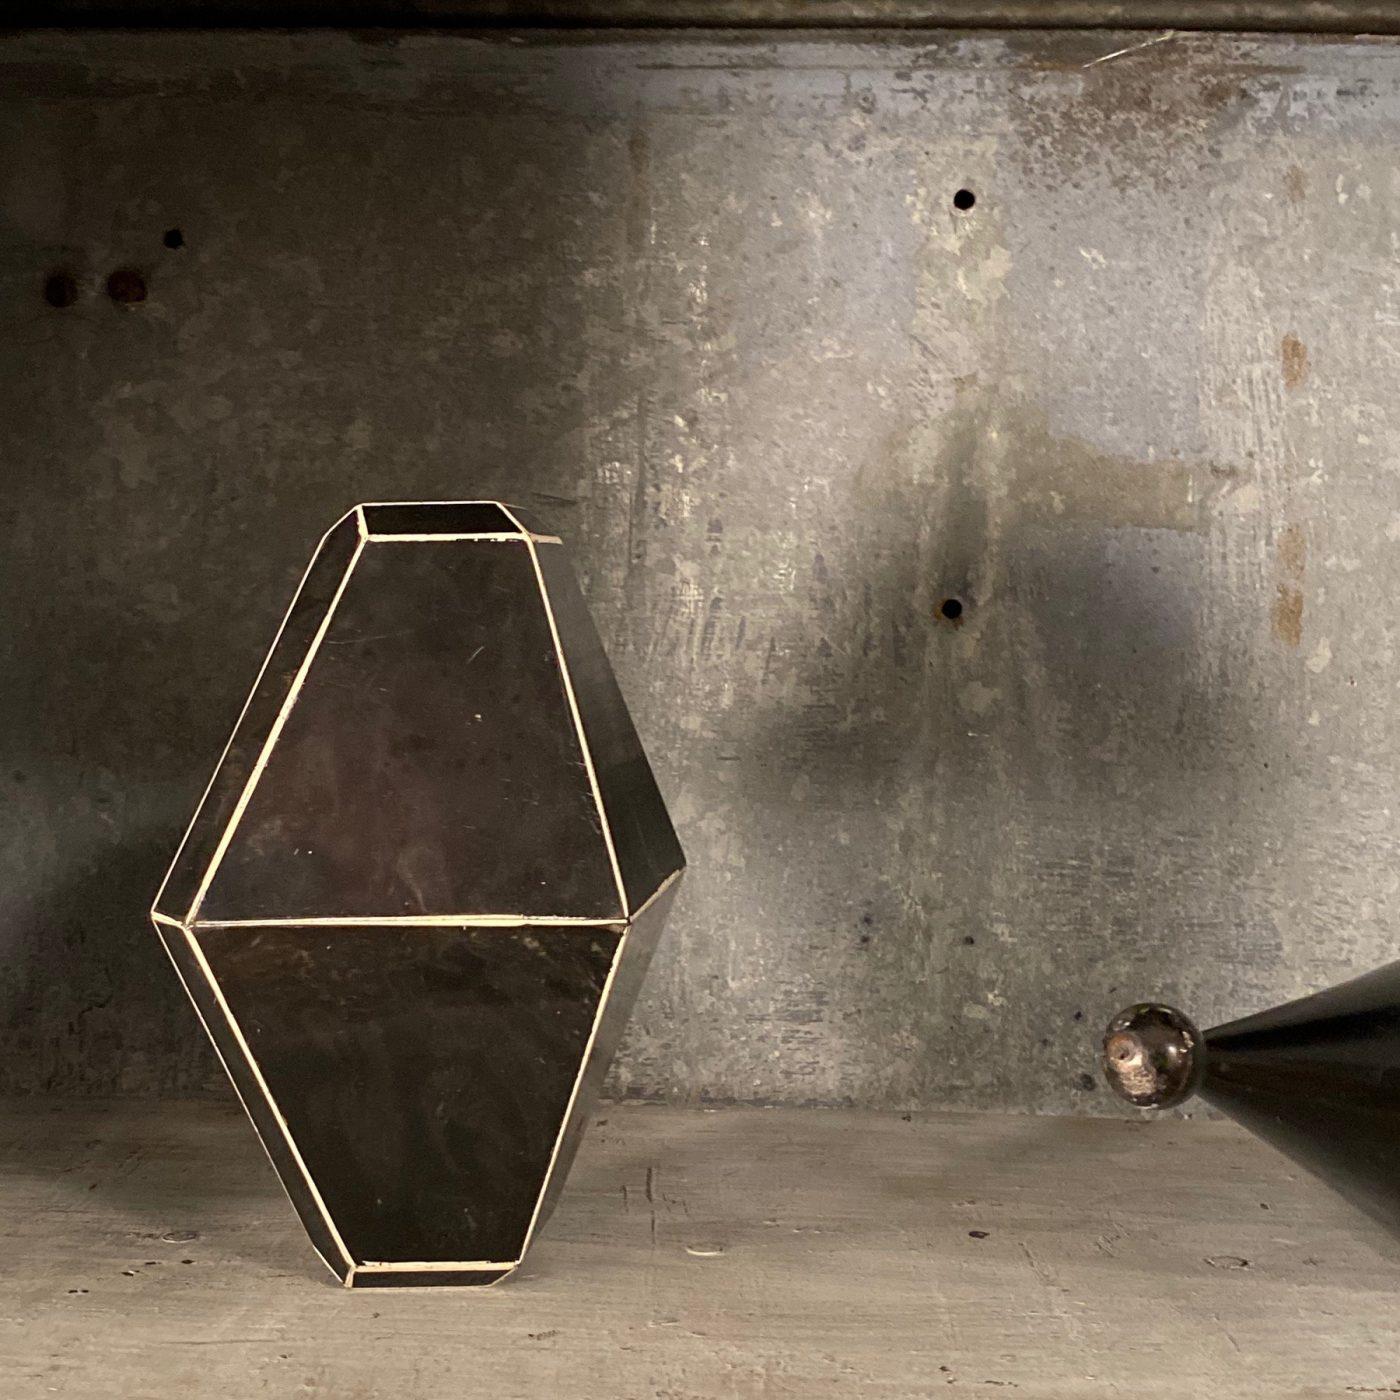 objet-vagabond-mineral-forms0004